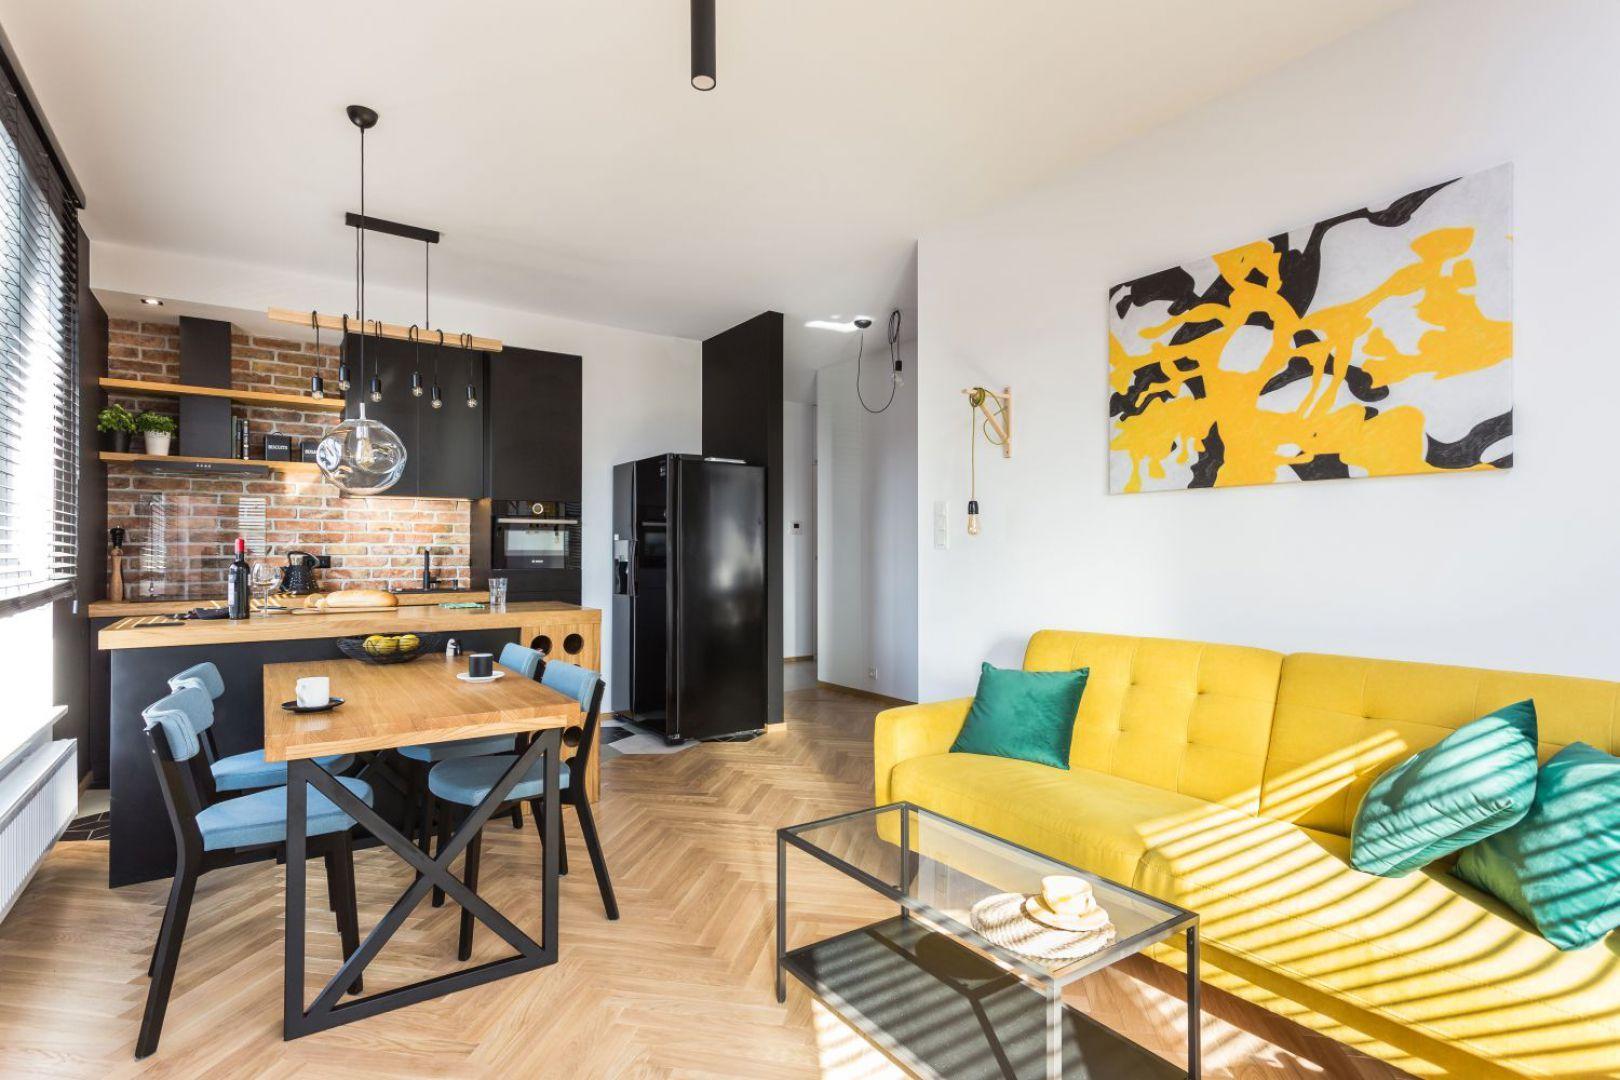 Kolor żółty w salonie. Projekt: arch. Karolina Karwowska. Fot. Michał Młynarczyk